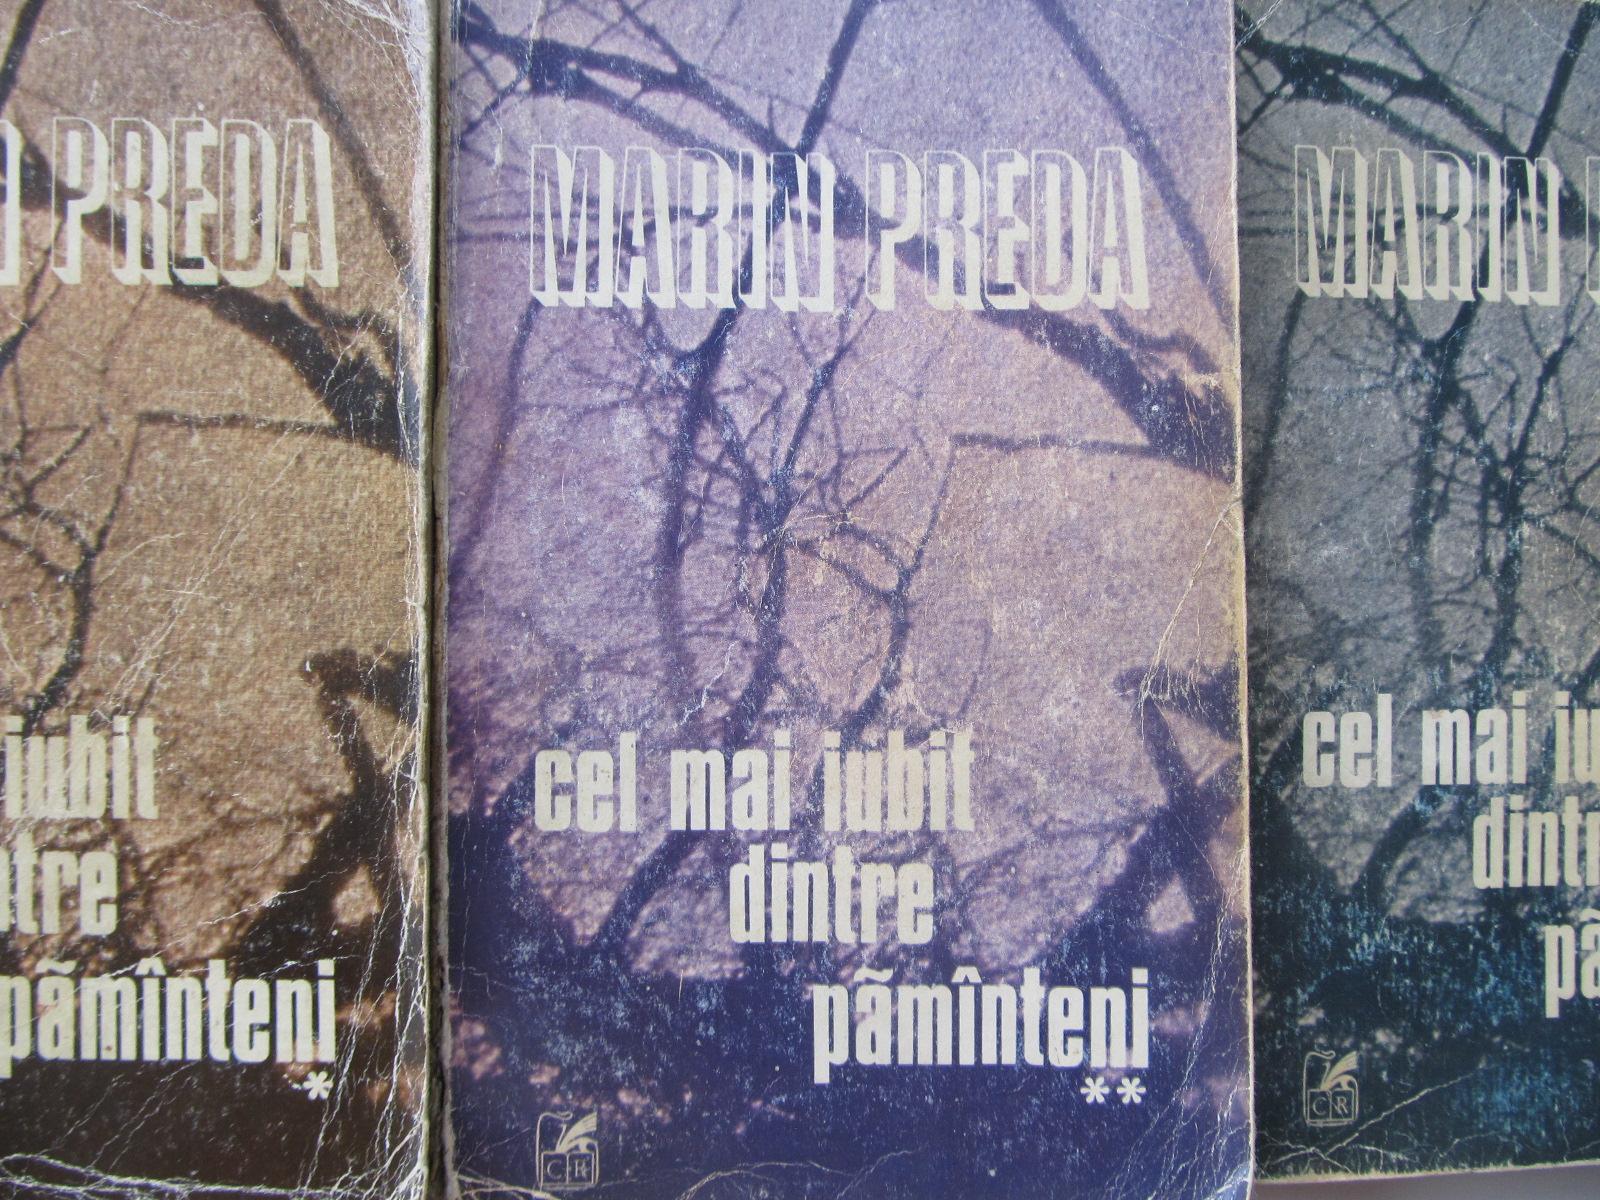 Cel mai iubit dintre pamanteni (3 vol.) - Marin Preda | Detalii carte